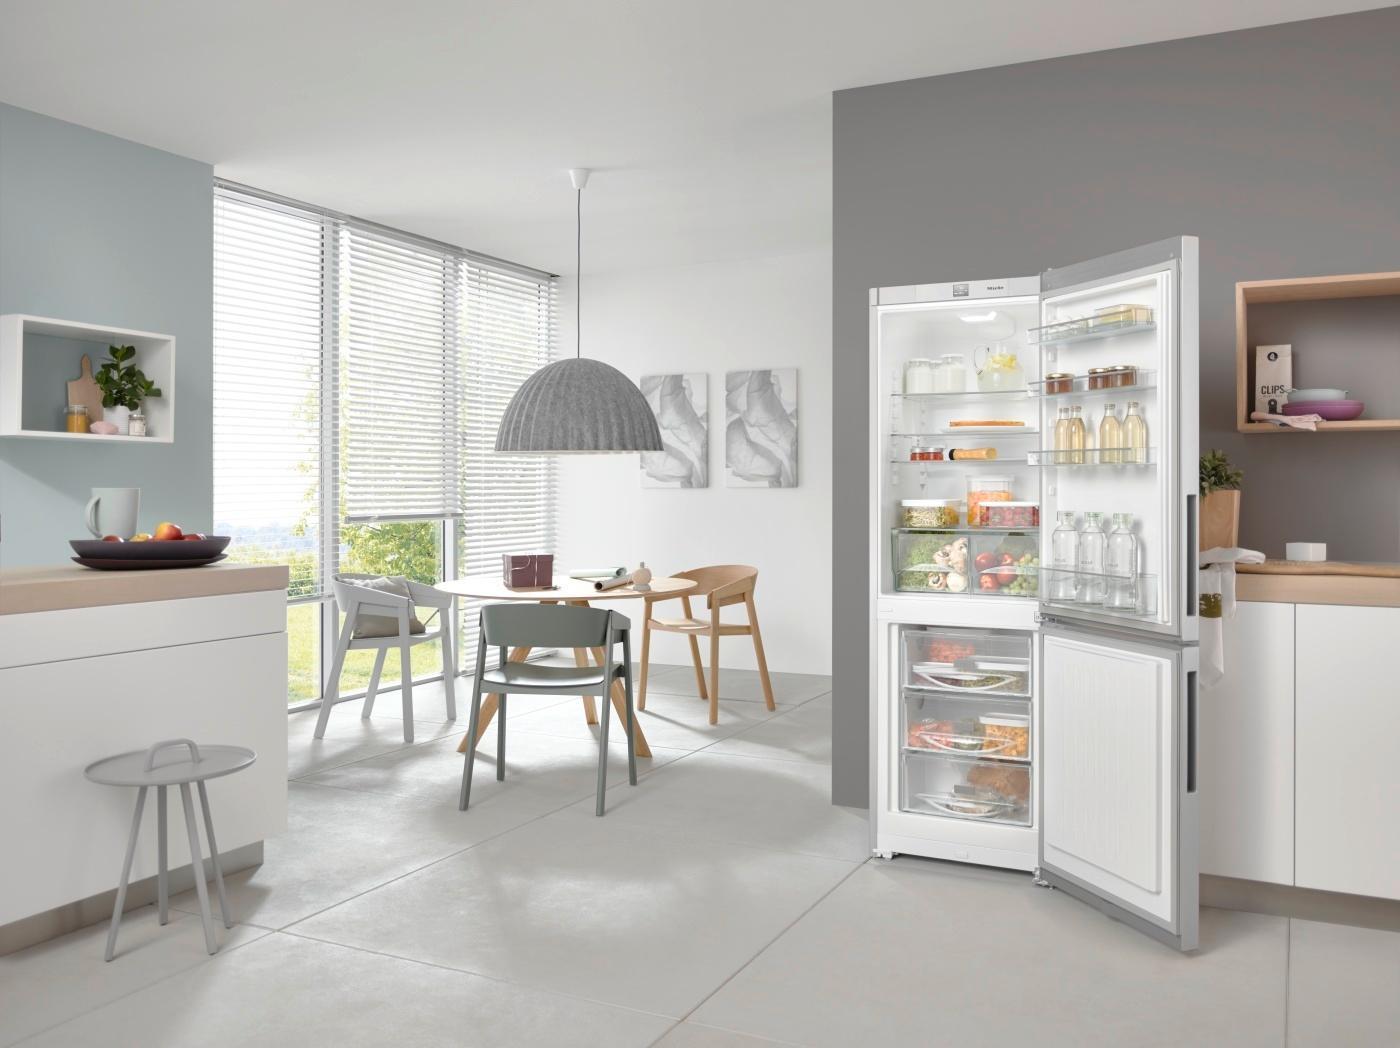 miele kfn 29283 edt cs k hl gefrier kombination a ebay. Black Bedroom Furniture Sets. Home Design Ideas